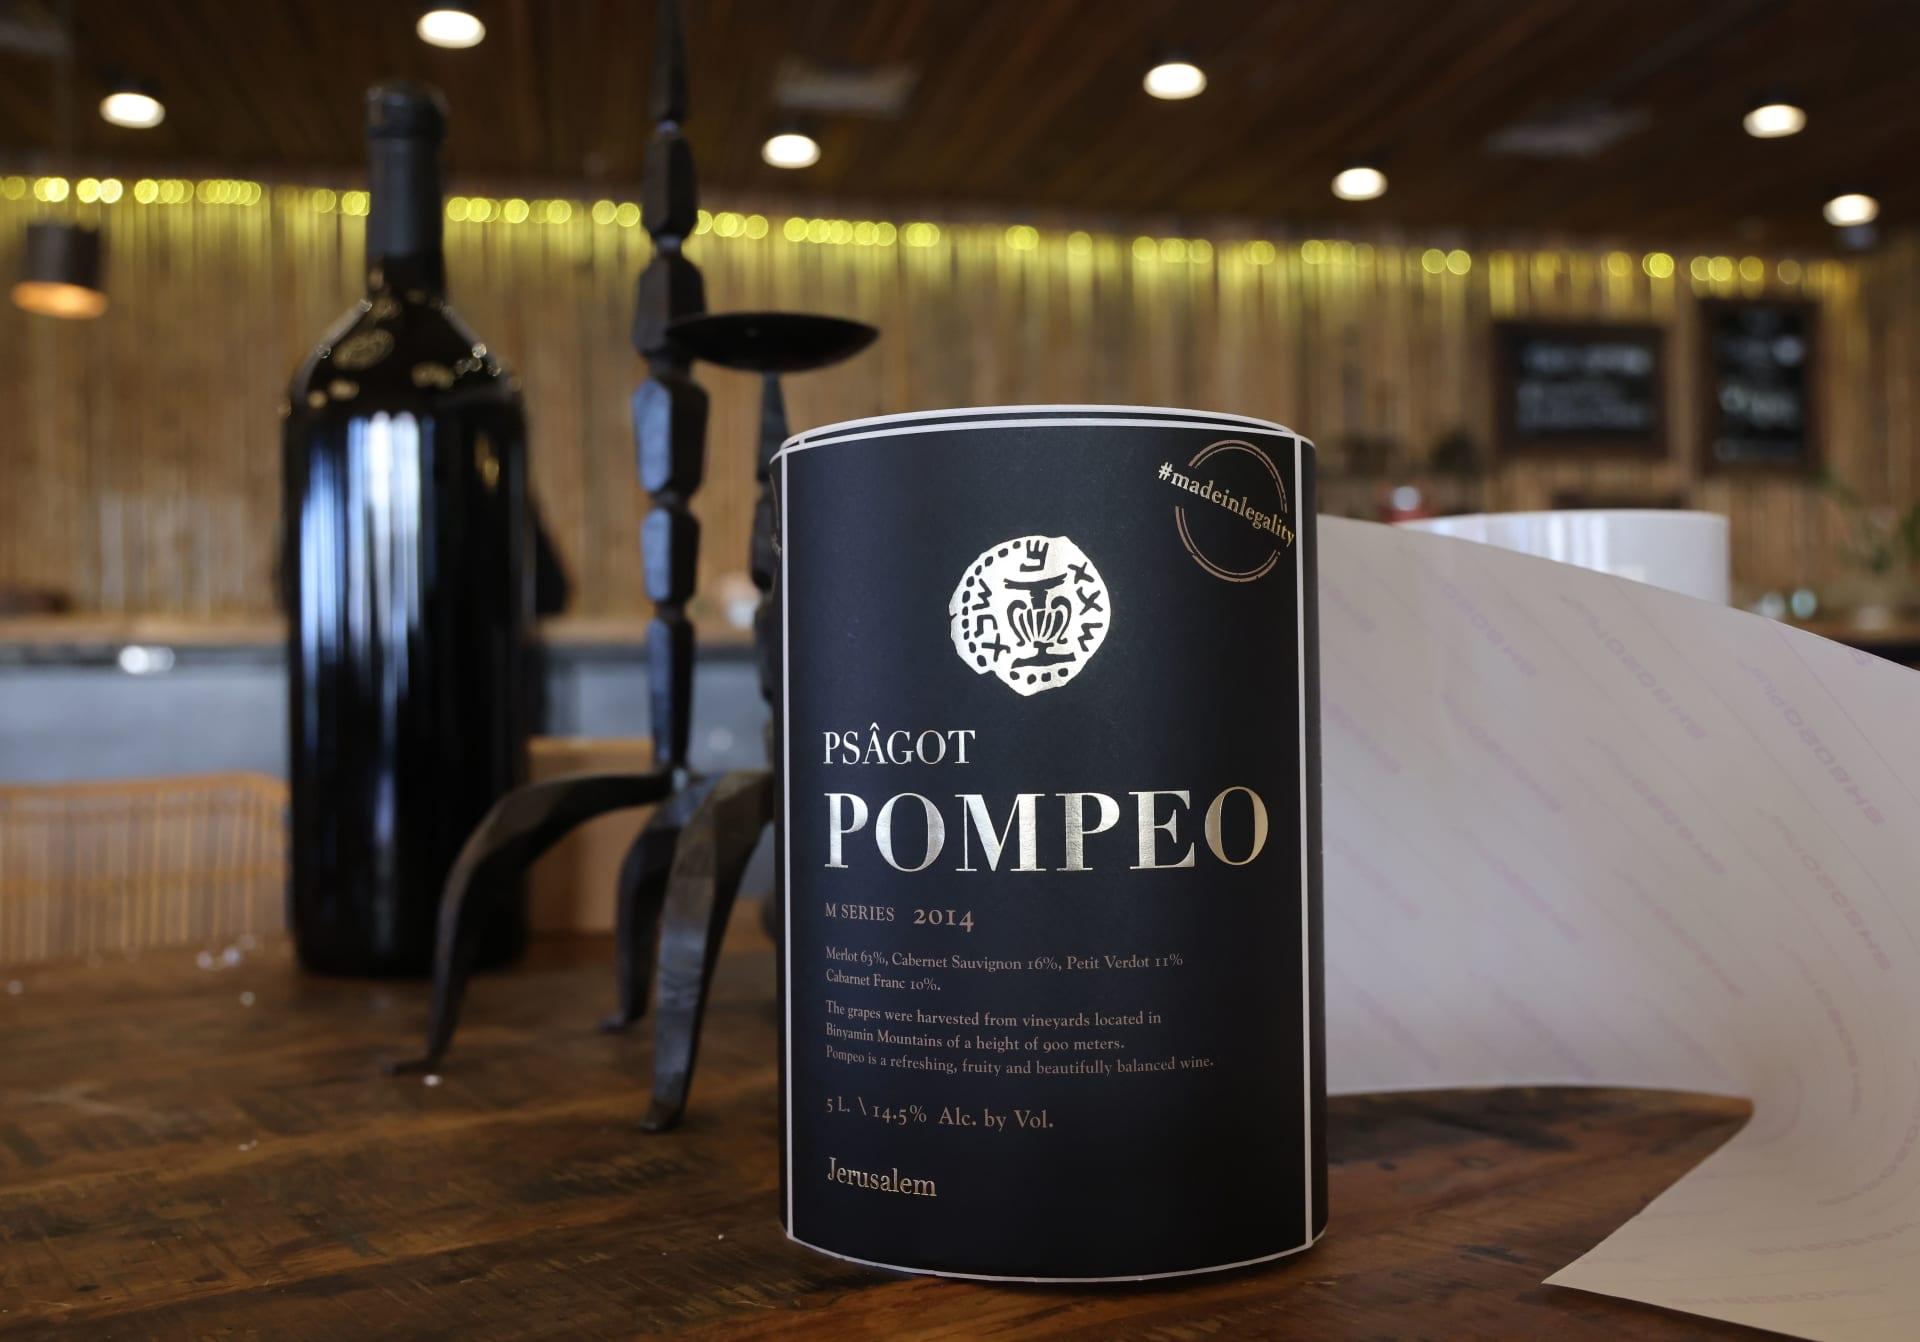 نبيذ يحمل اسم بومبيو كان في انتظار زيارة وزير خارجية أمريكا مستوطنة بالضفة الغربية